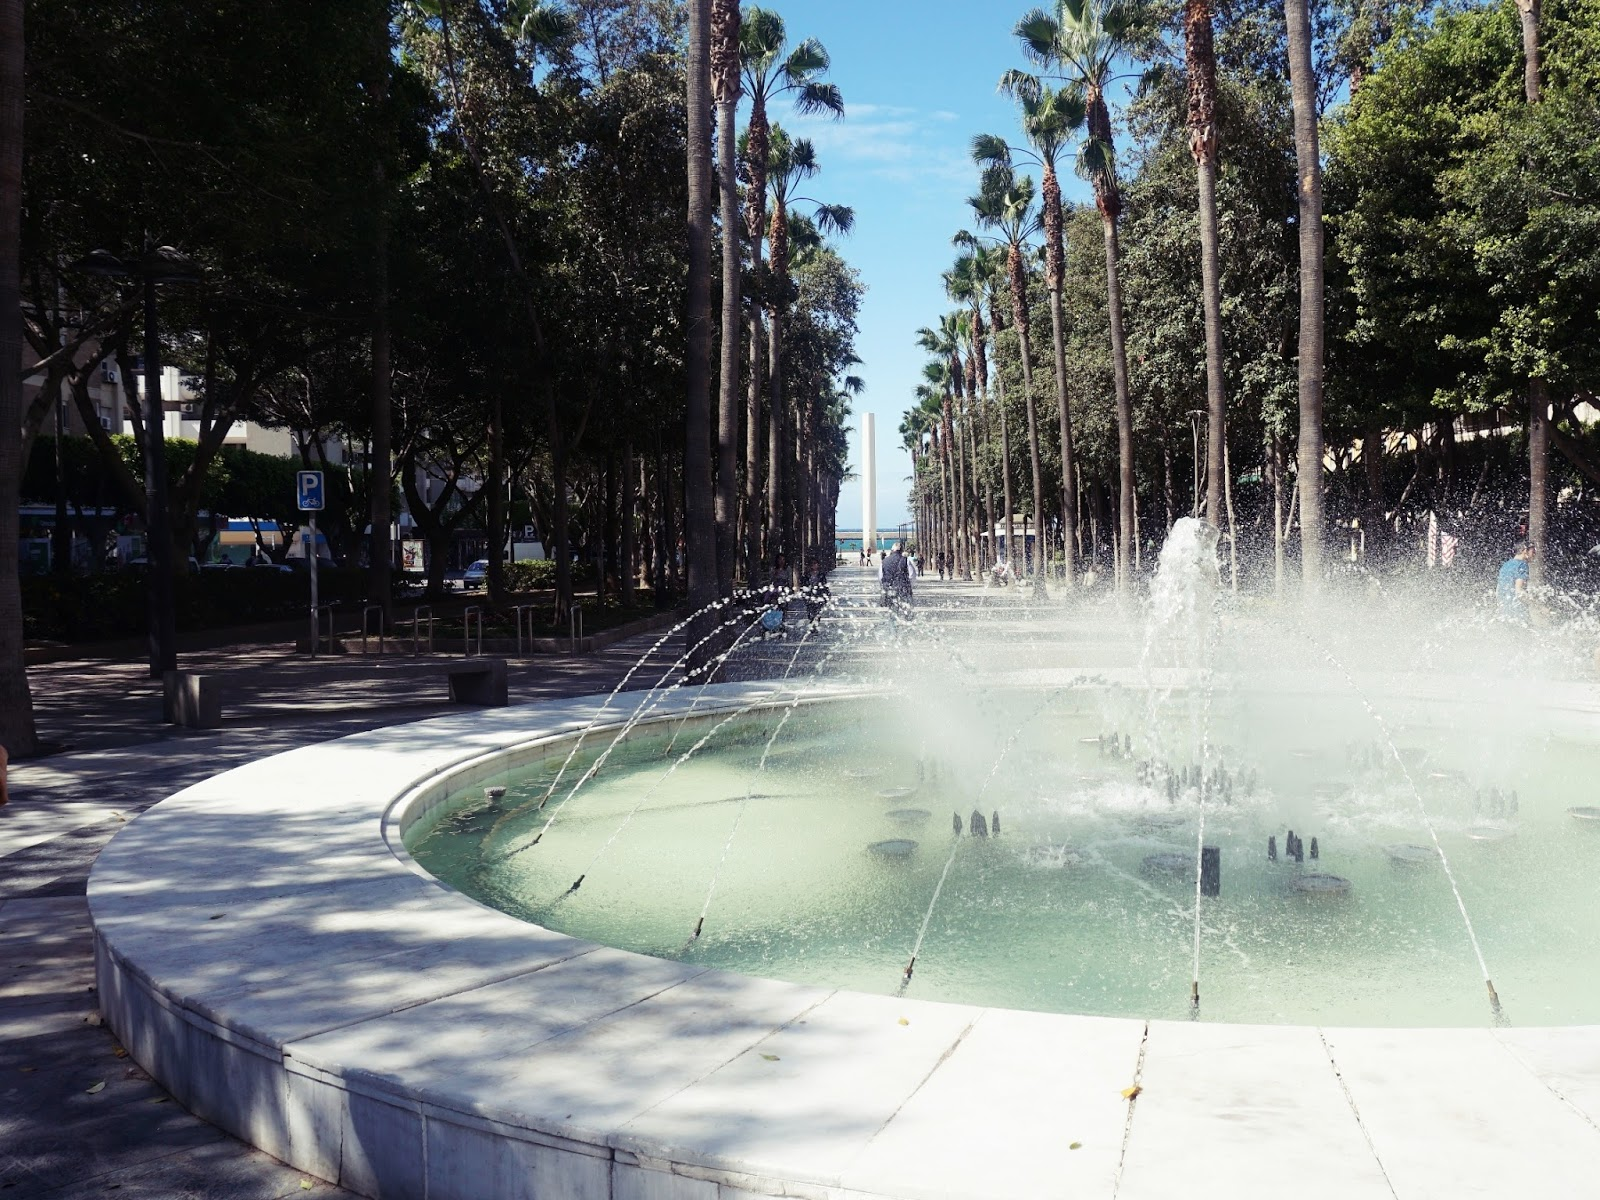 hiszpańskie miasto, Almeria, panidorcia, blog, Hiszpania, podróże, fontanna